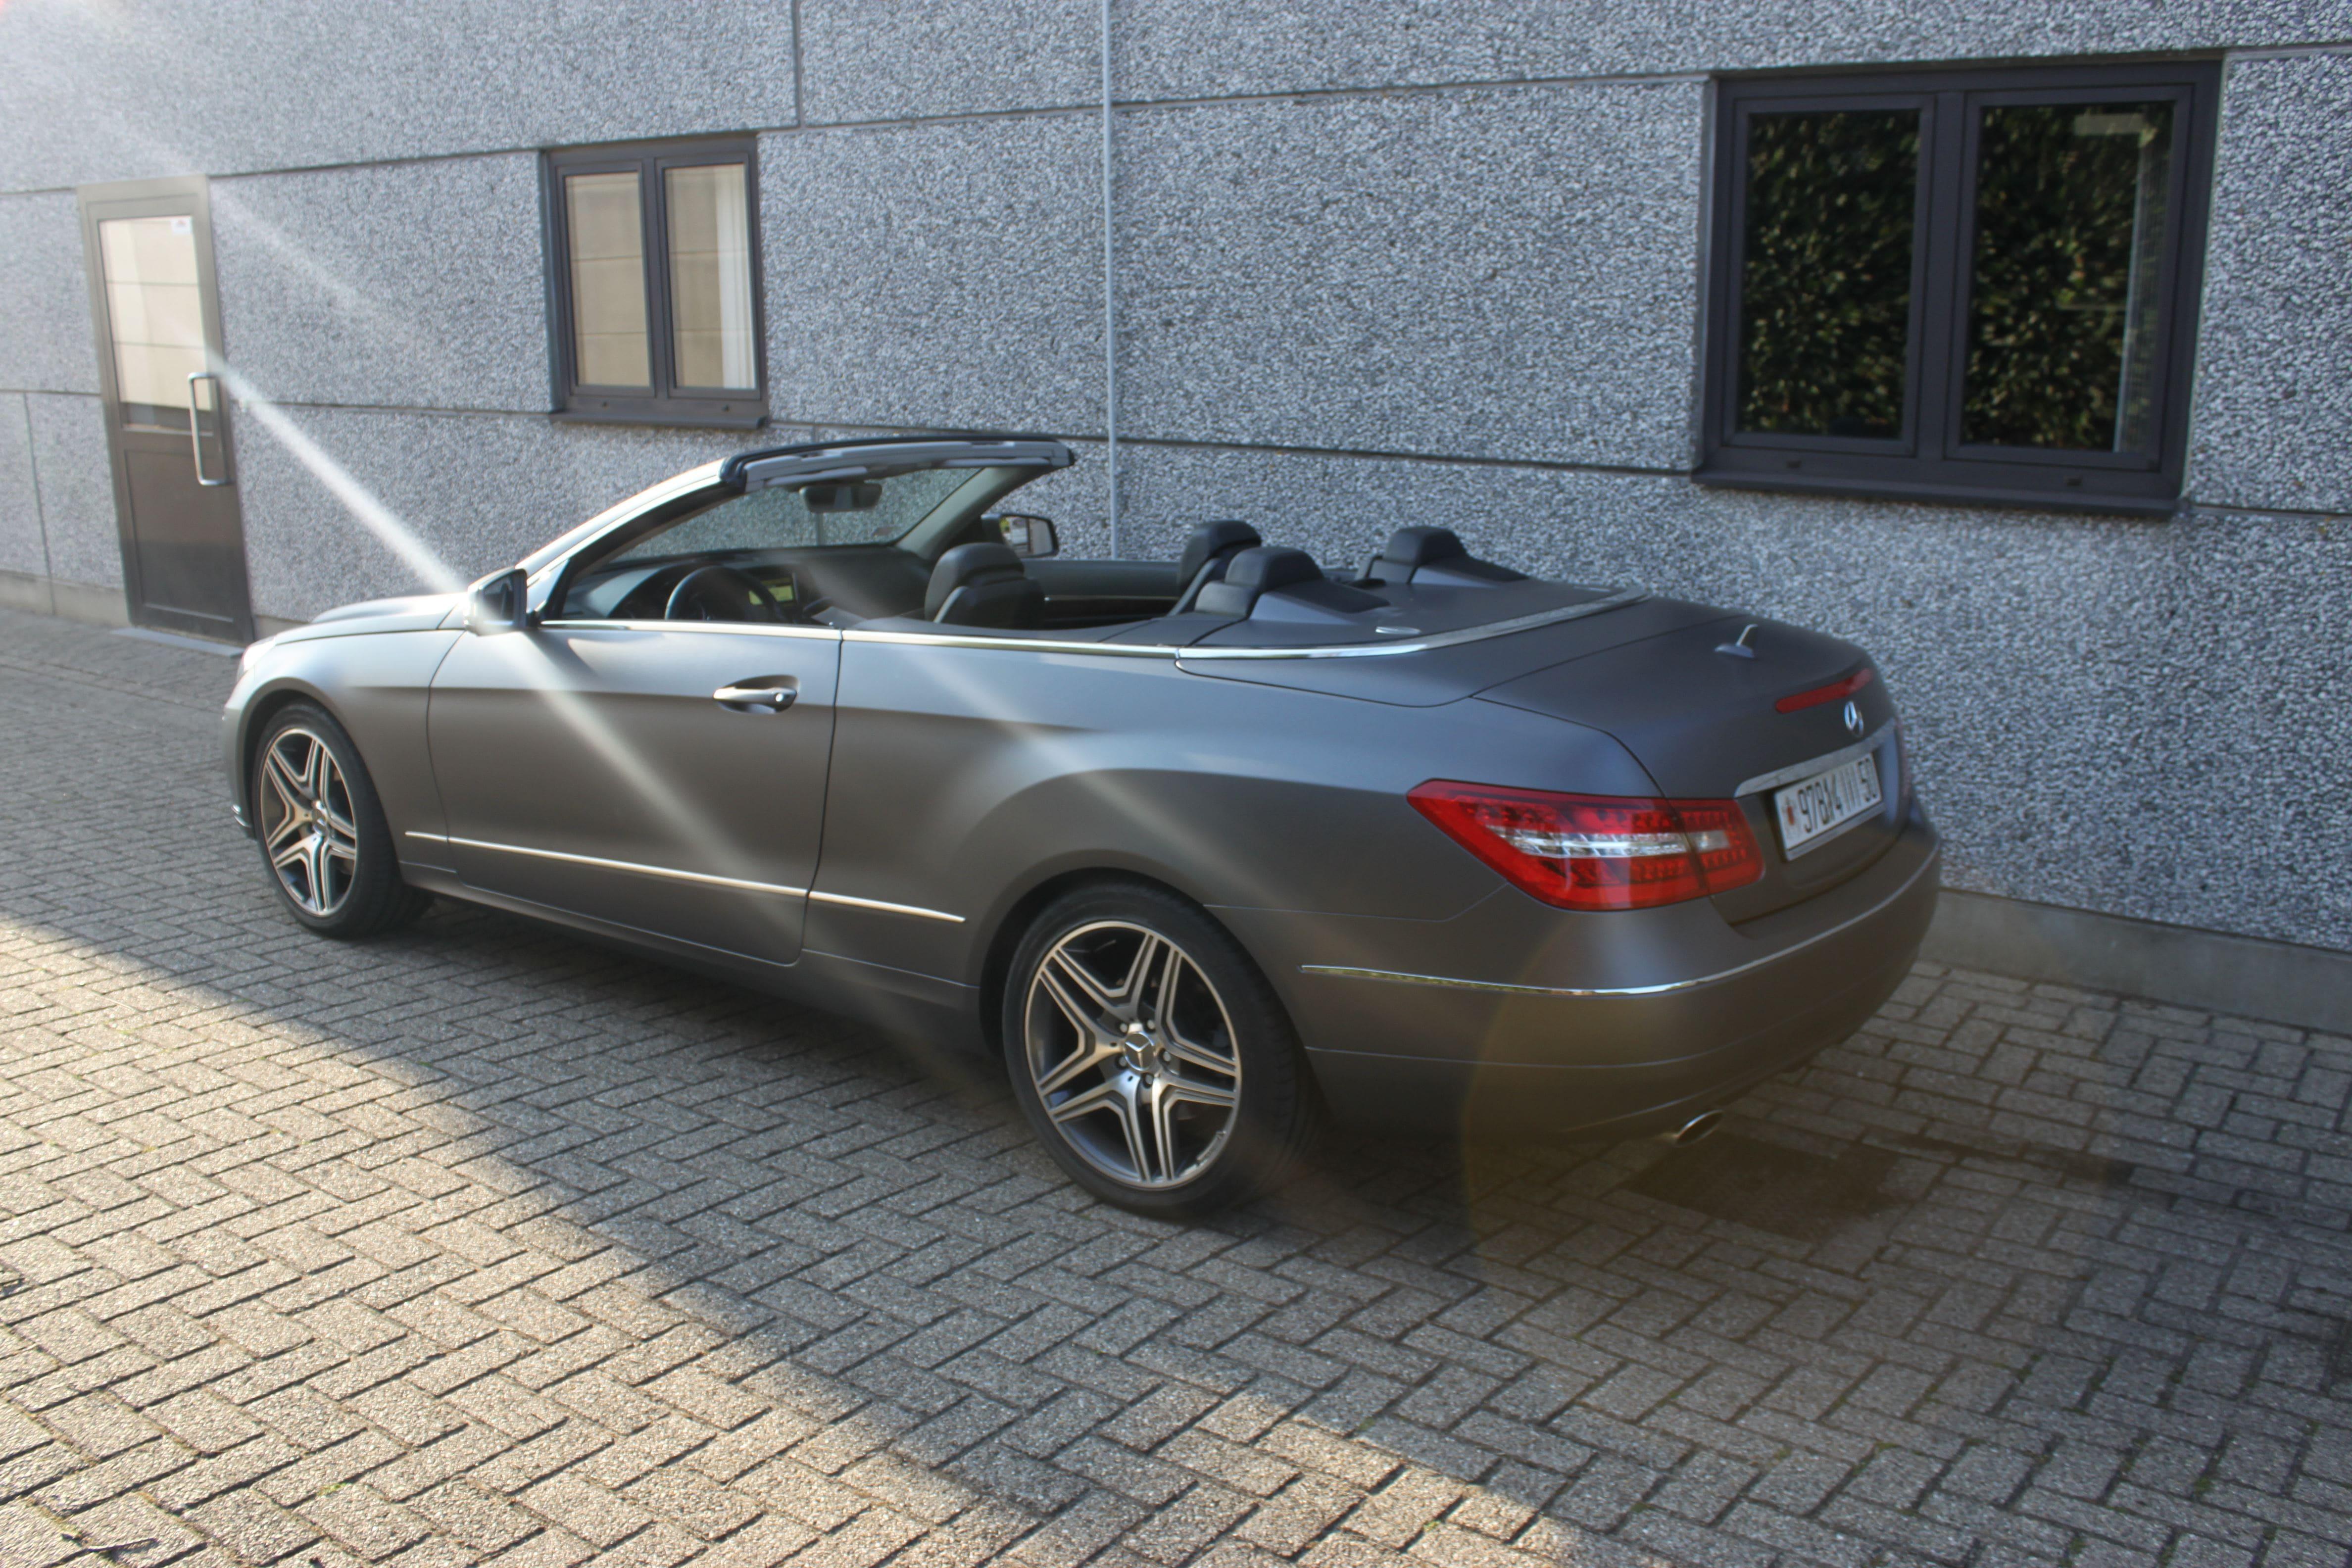 Mercedes E-Klasse Cabrio met Gunpowder Wrap, Carwrapping door Wrapmyride.nu Foto-nr:6263, ©2020